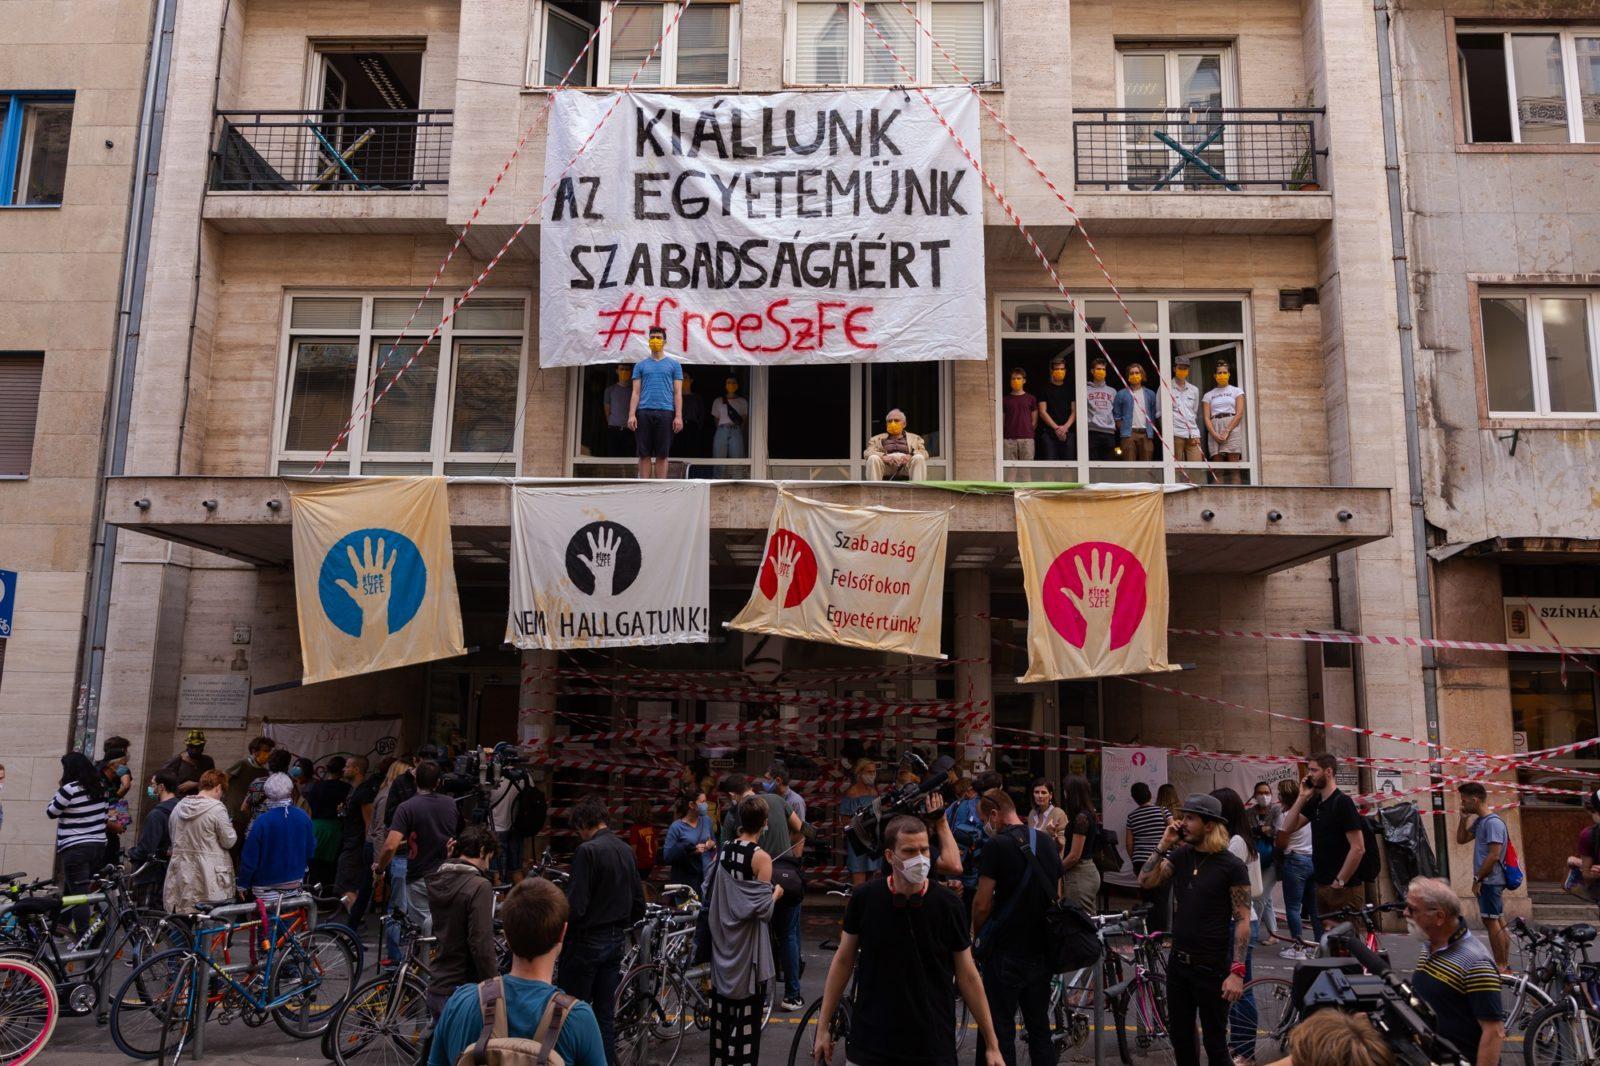 Állam nélküli demokrácia az elfoglalt egyetemen